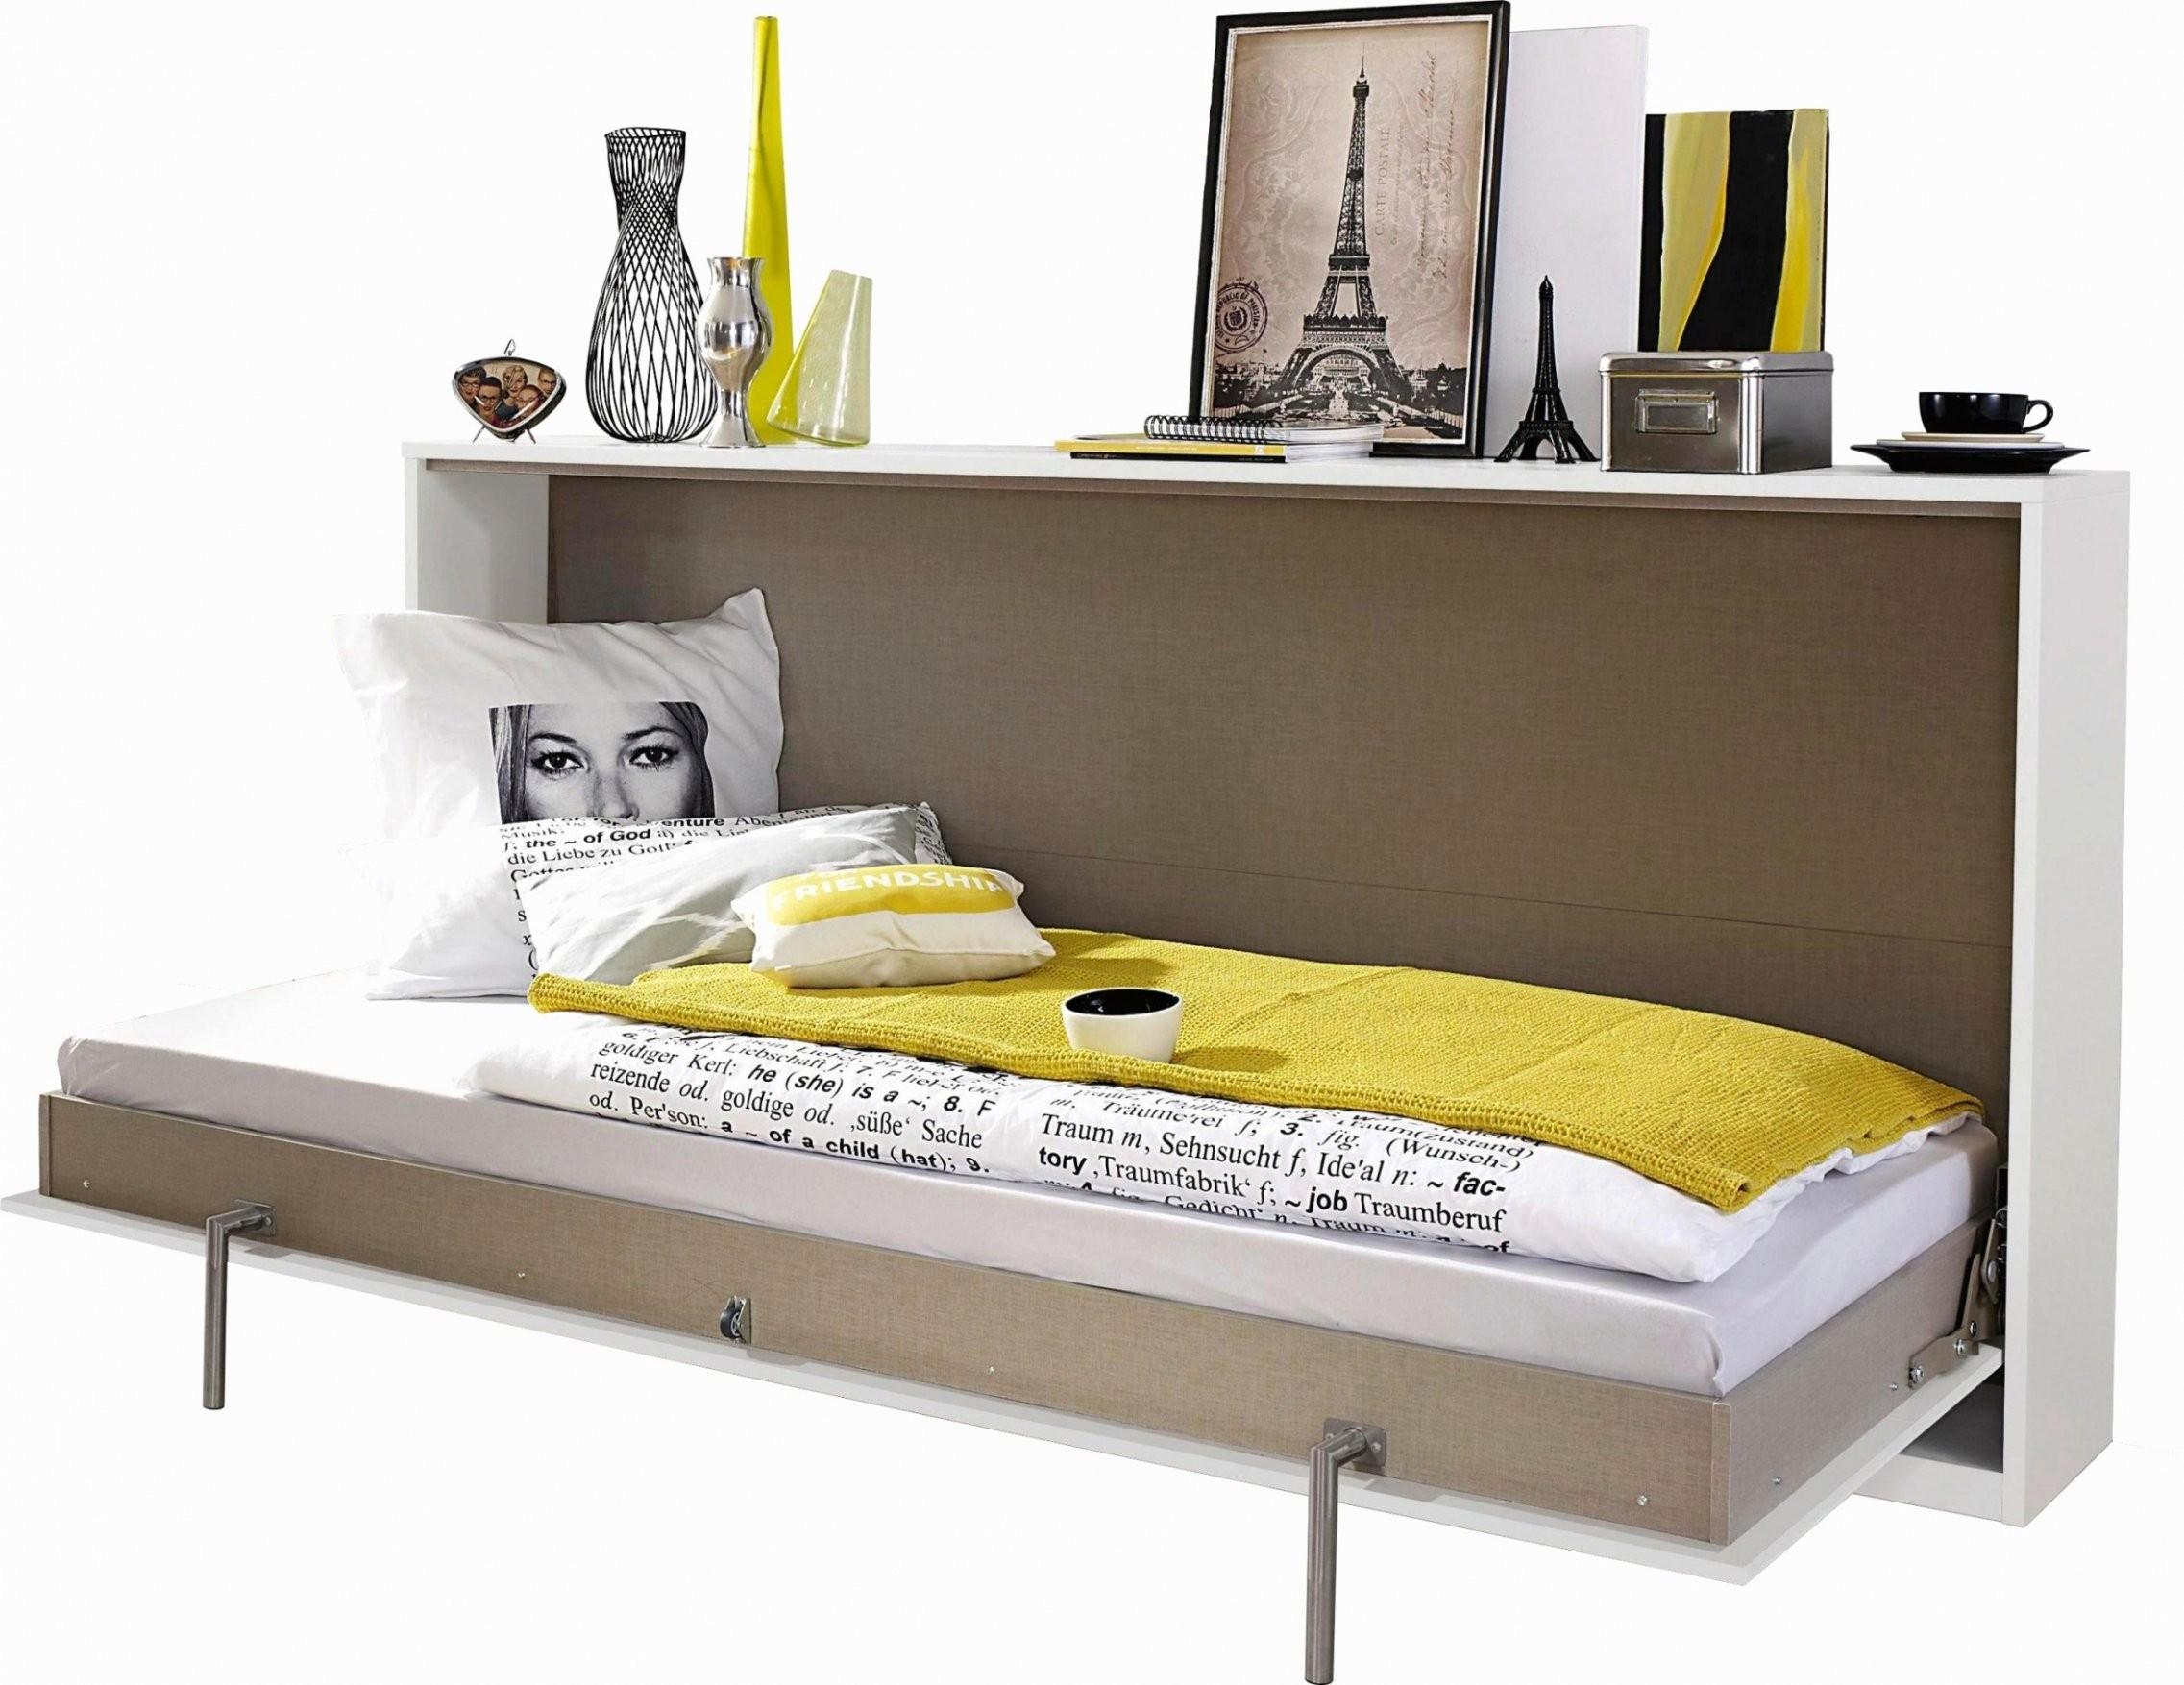 Aufbauanleitung Malm Bett Best Ikea Malm Bett Schwarz Genial — Yct von Ikea Malm Bett 140X200 Anleitung Bild